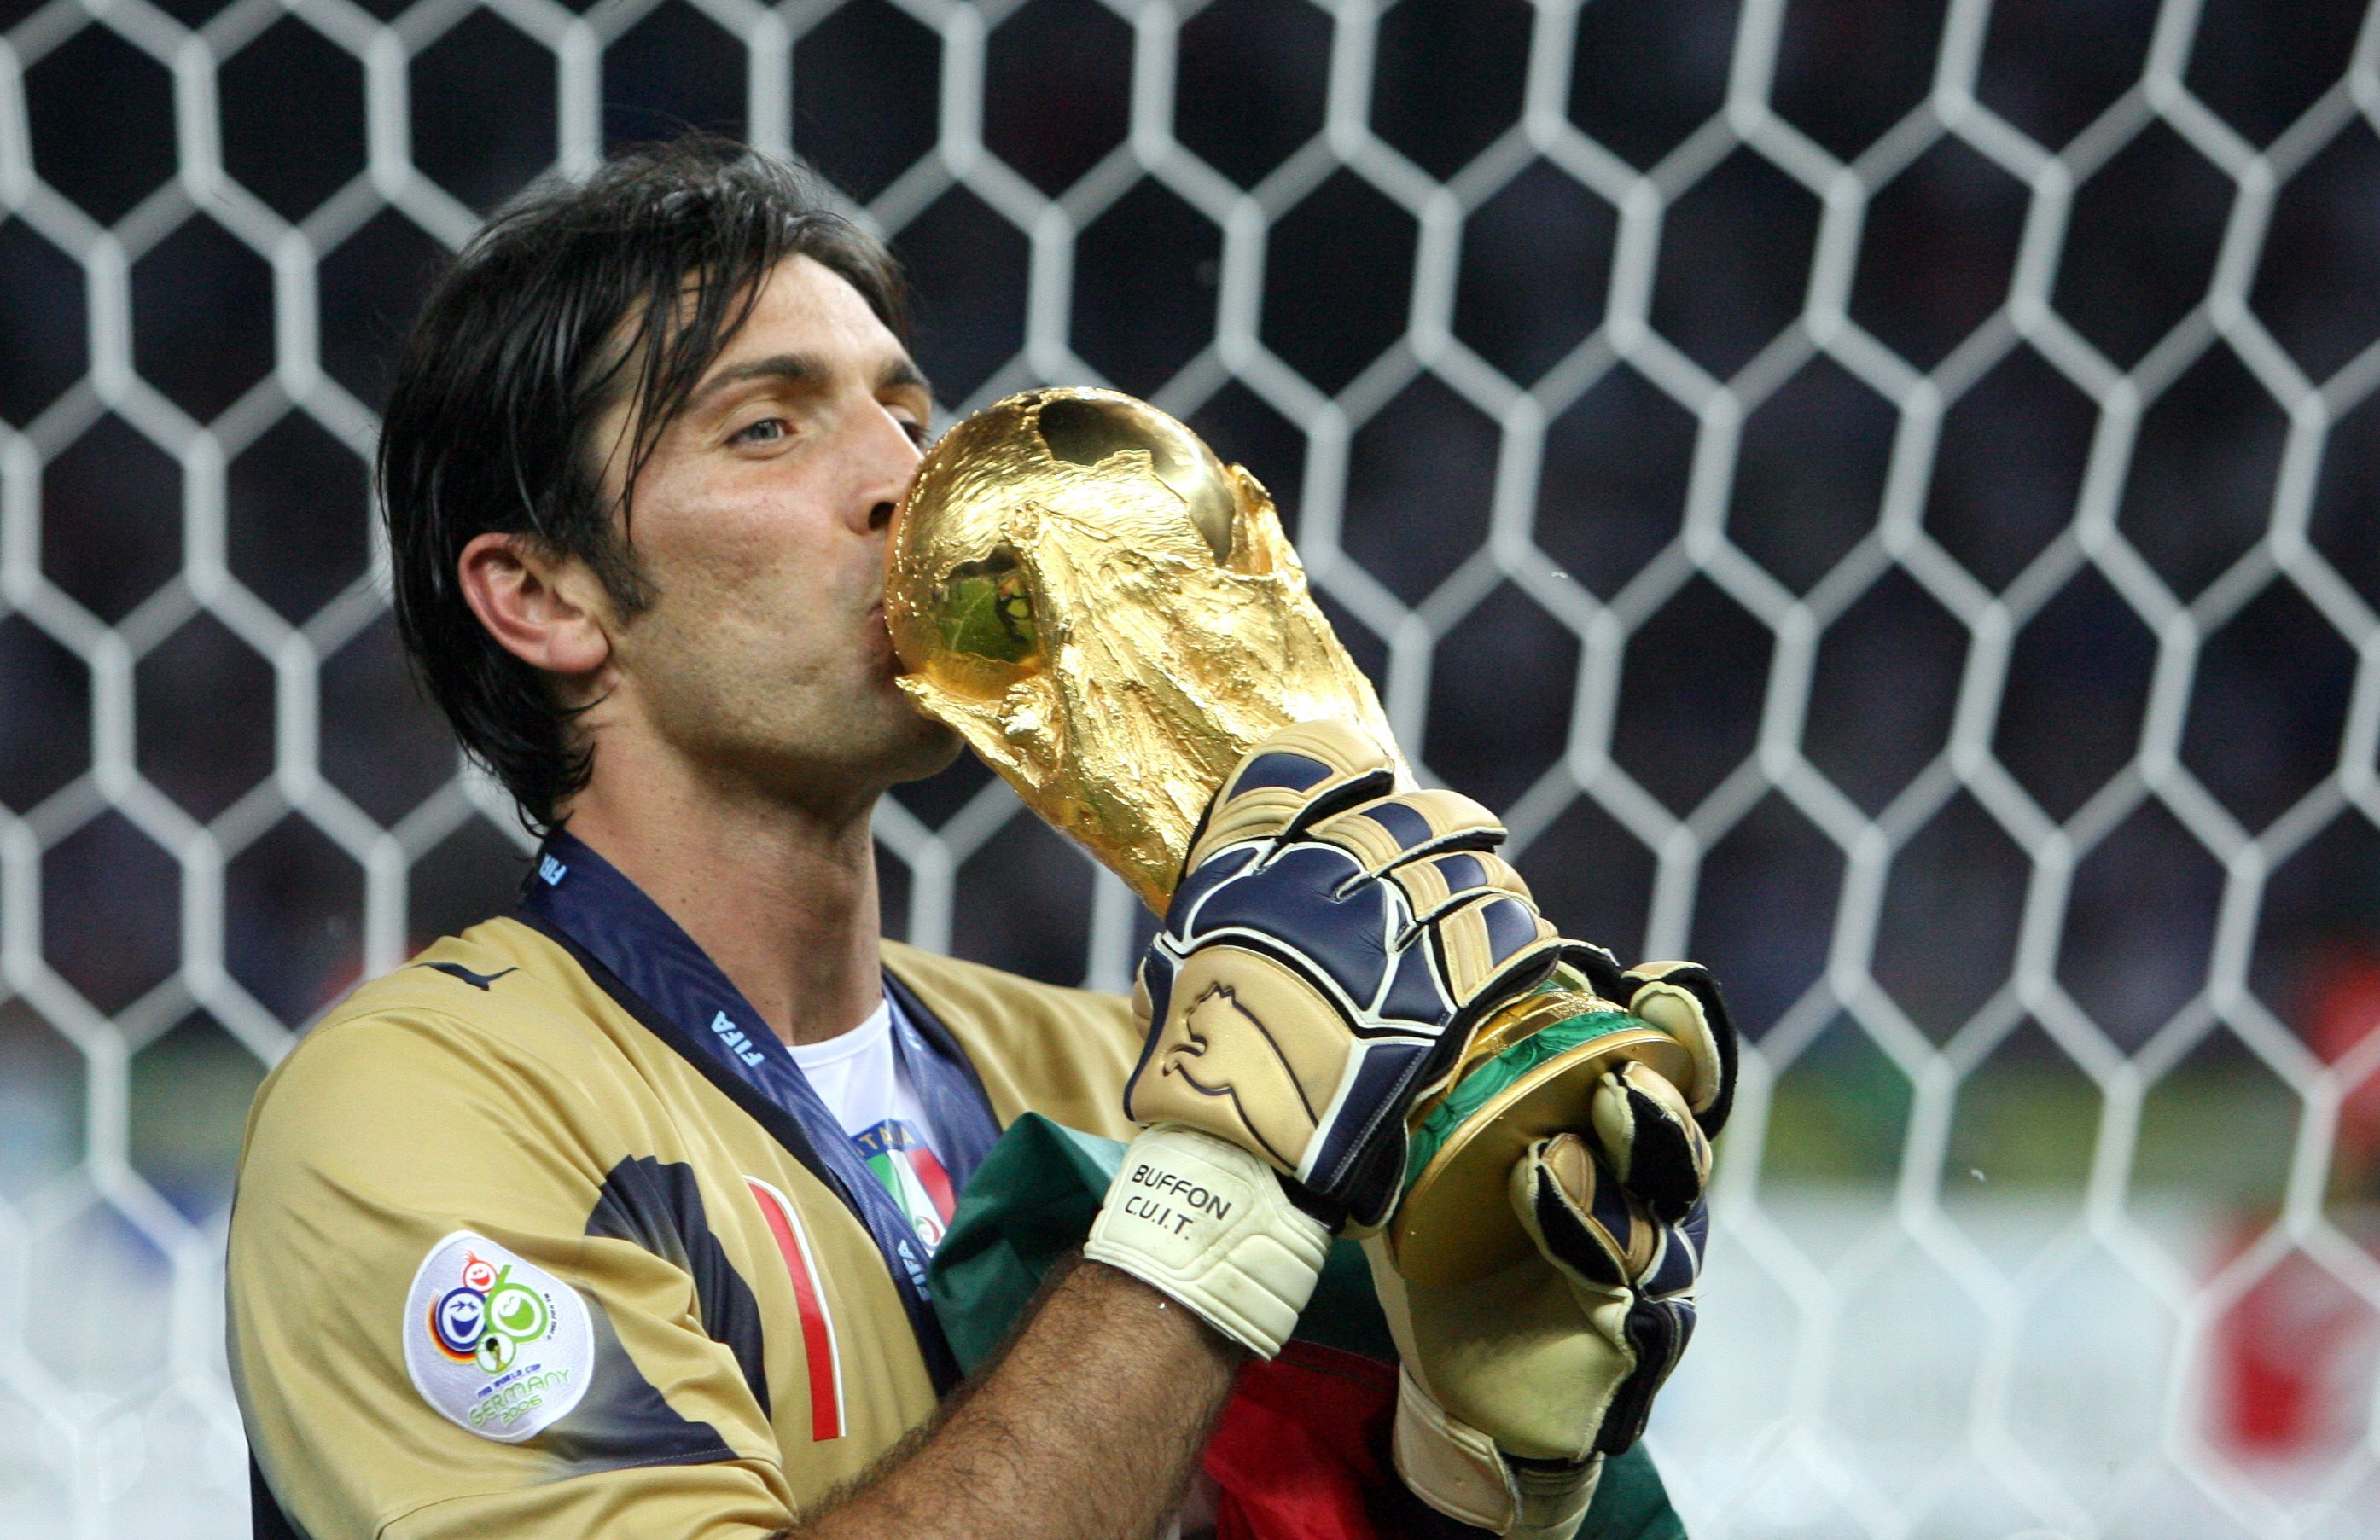 Buffon festeggia il Mondiale vinto con l'Italia nel 2006.